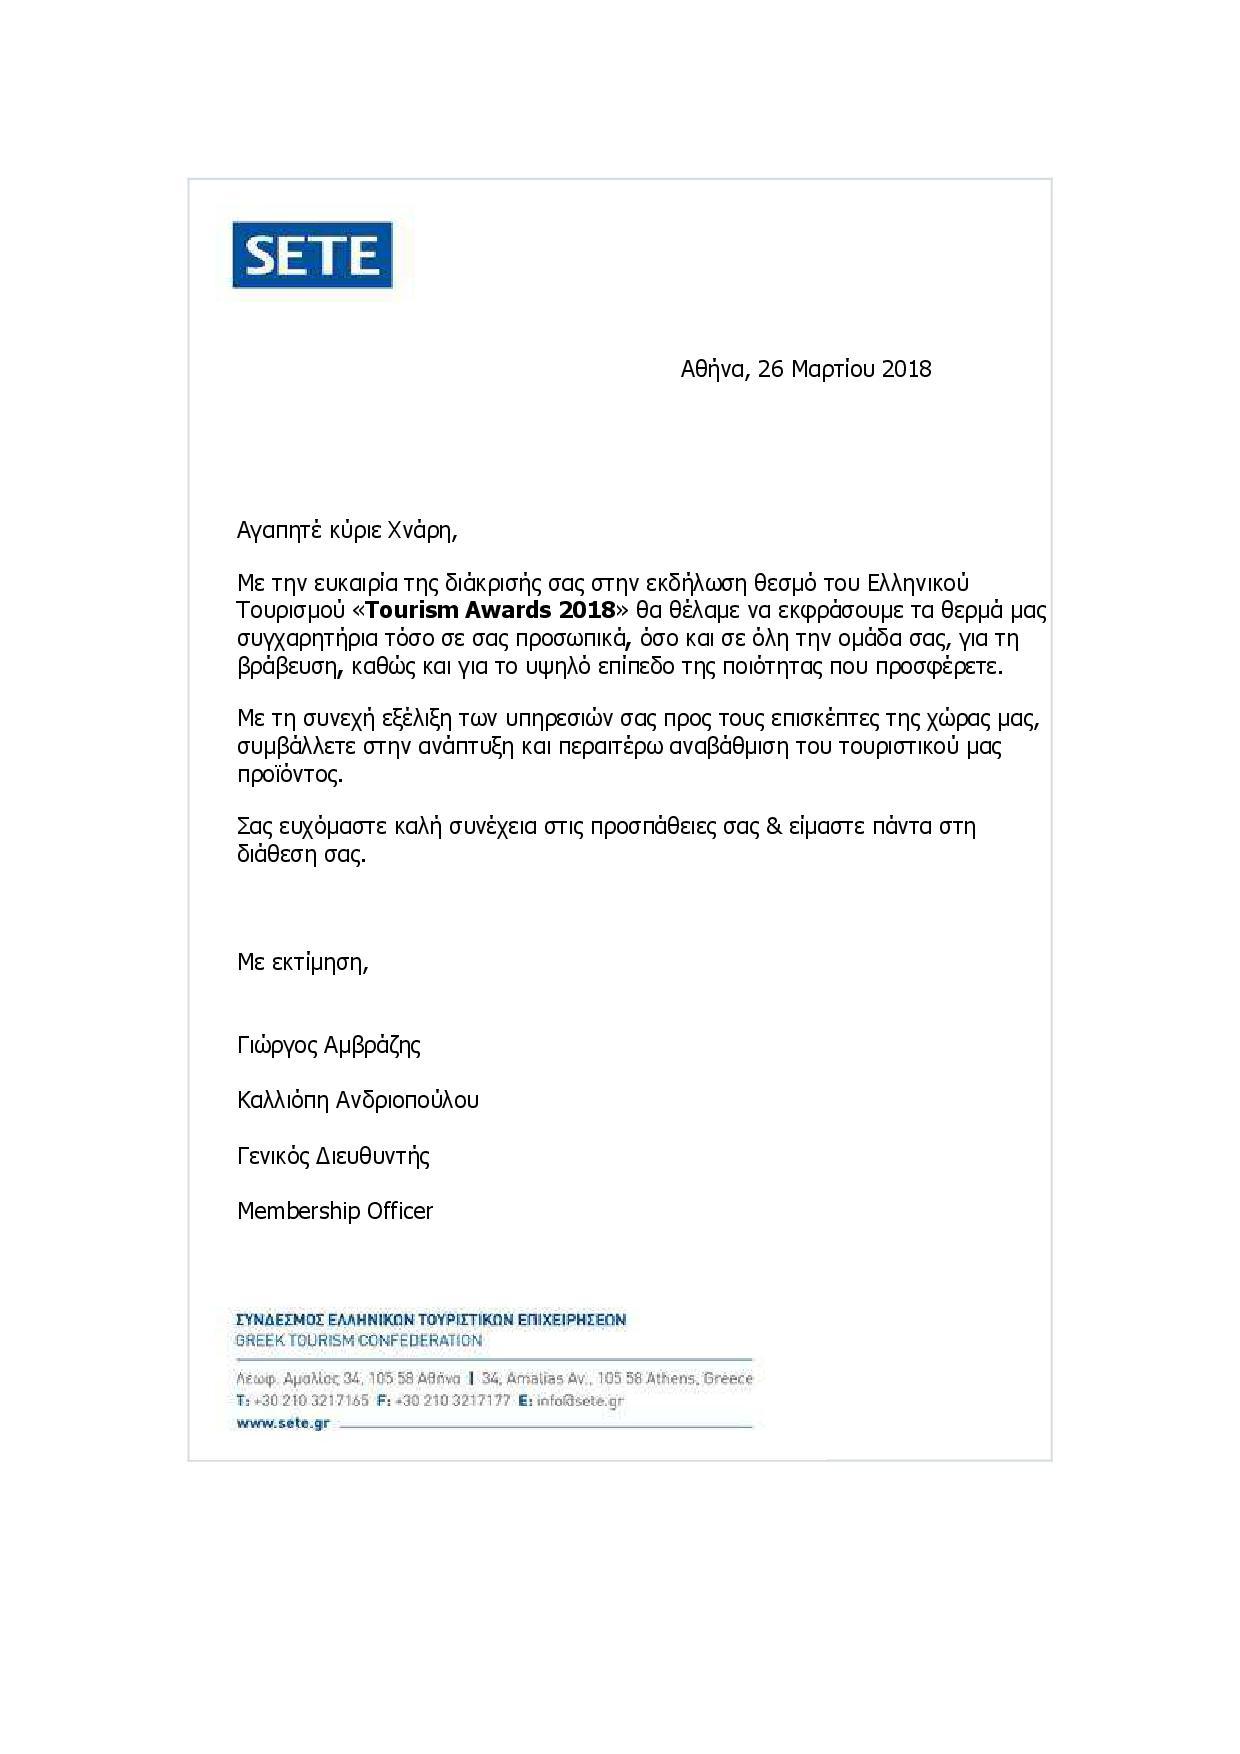 ΣΥΓΧΑΡΗΤΗΡΙΑ ΕΠΙΣΤΟΛΗ –  ΣΥΝΔΕΣΜΟΣ ΕΛΛΗΝΙΚΩΝ ΤΟΥΡΙΣΤΙΚΩΝ ΕΠΙΧΕΙΡΗΣΕΩΝ (SETE)